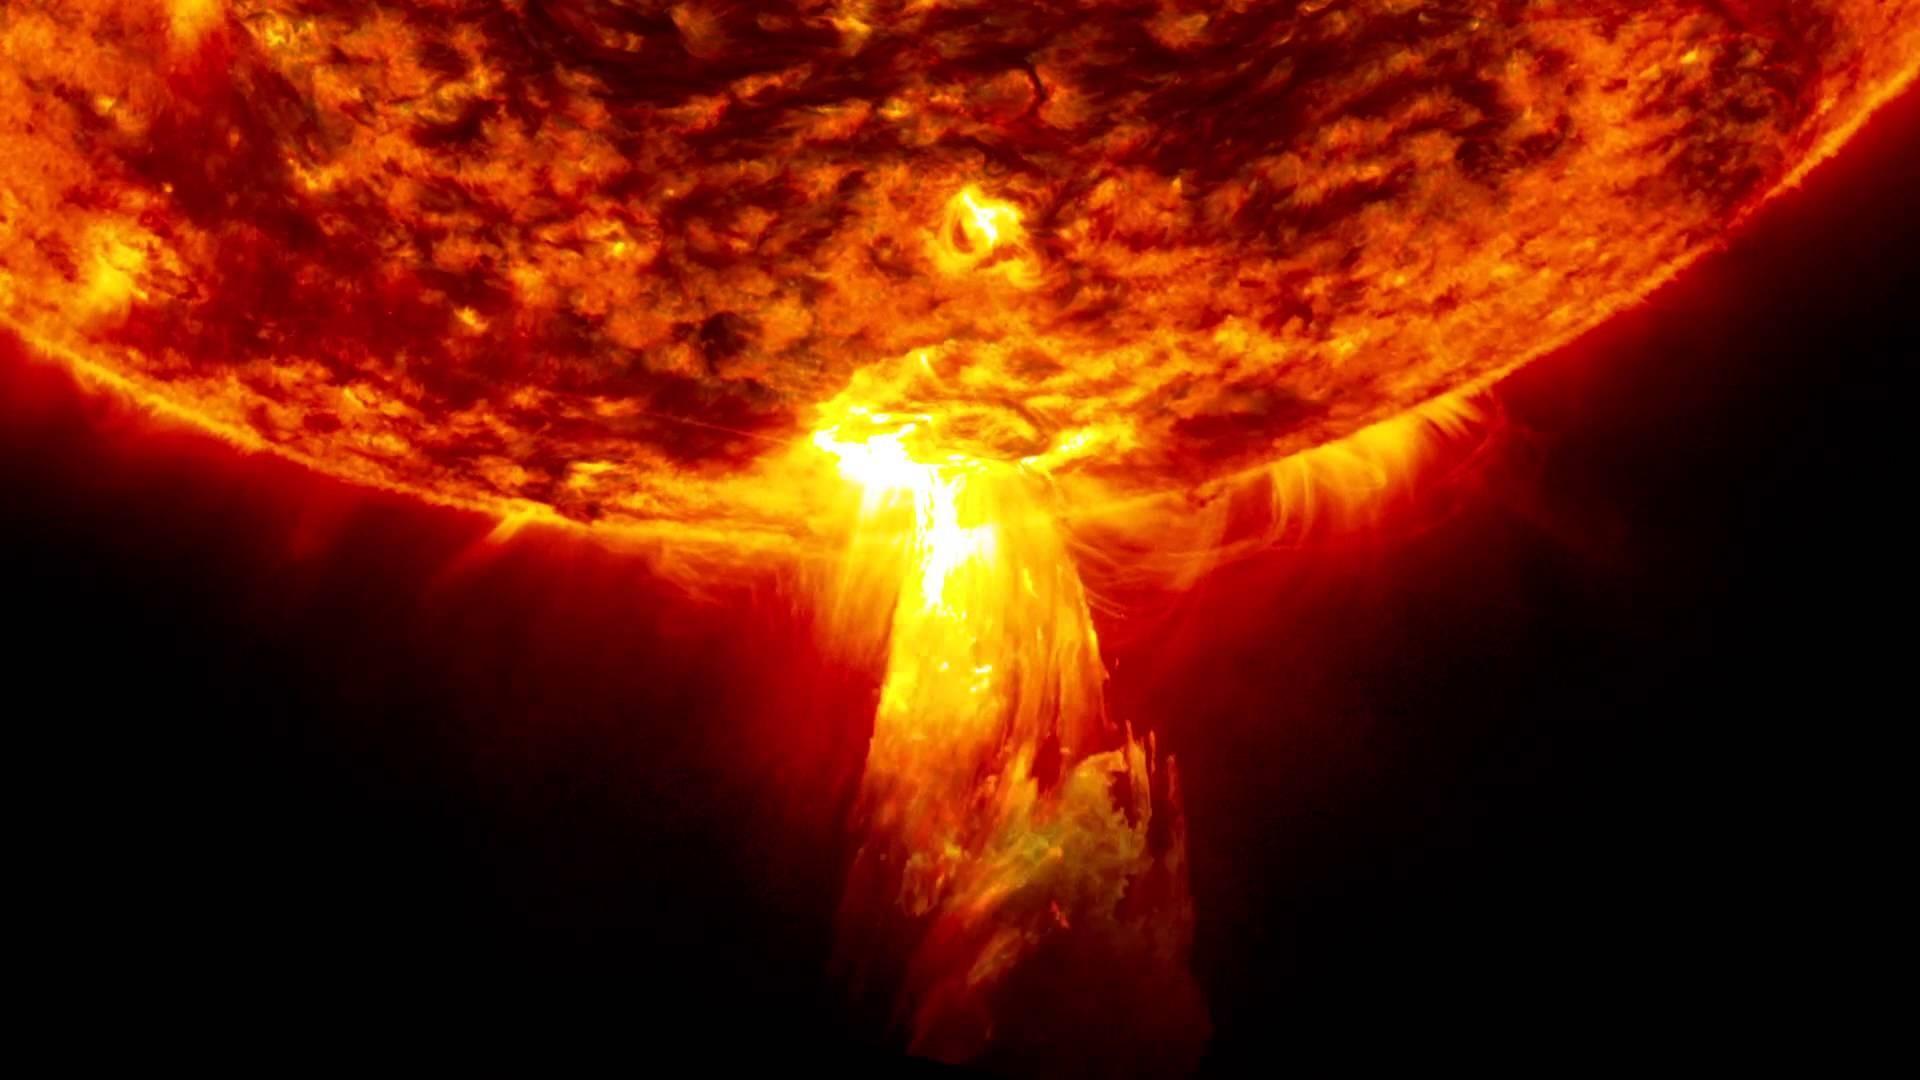 Население Земли сумеет выжить после космического апокалипсиса